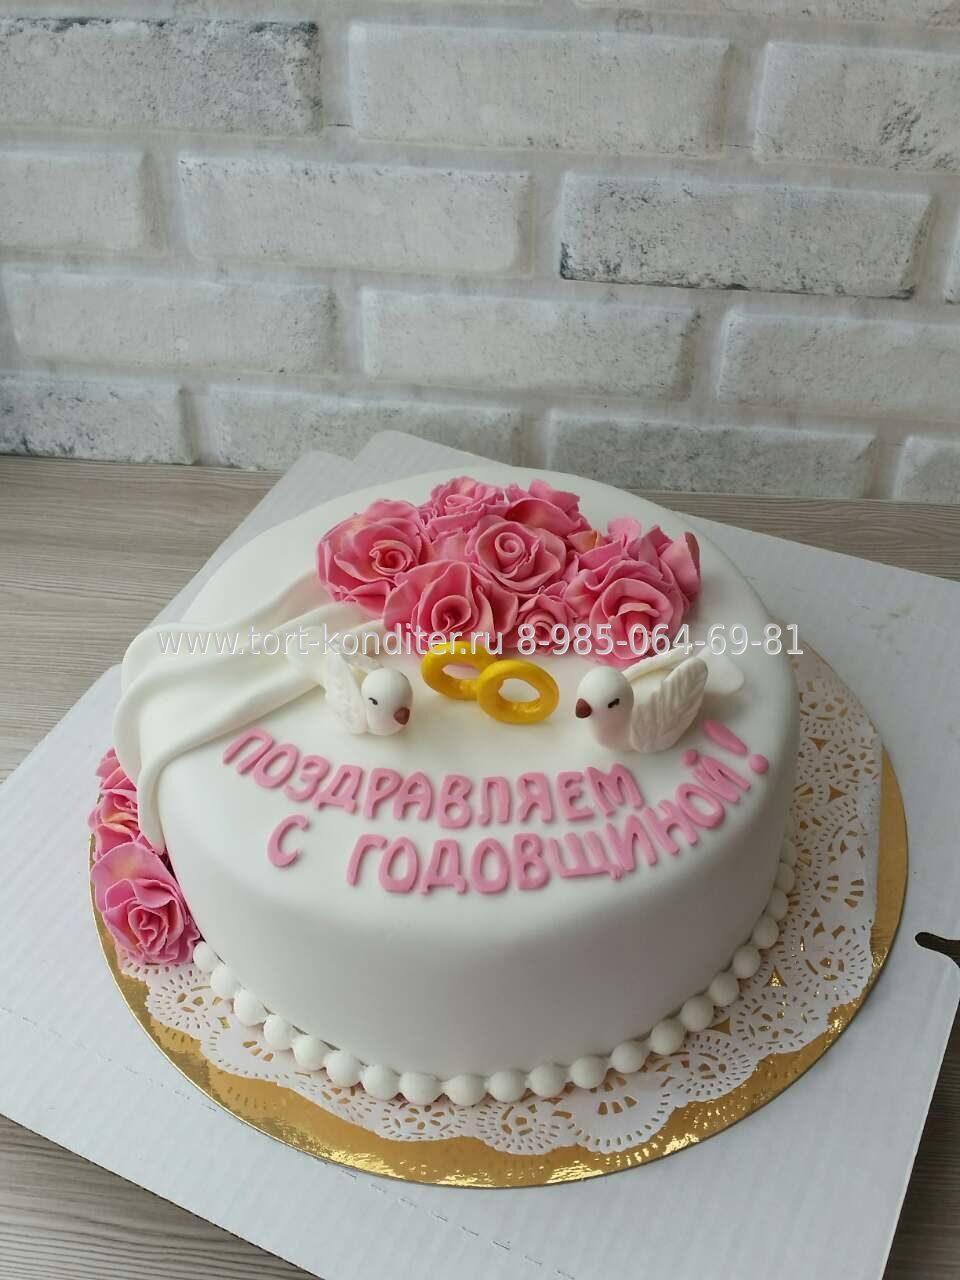 На юбилей свадьбы торте фото